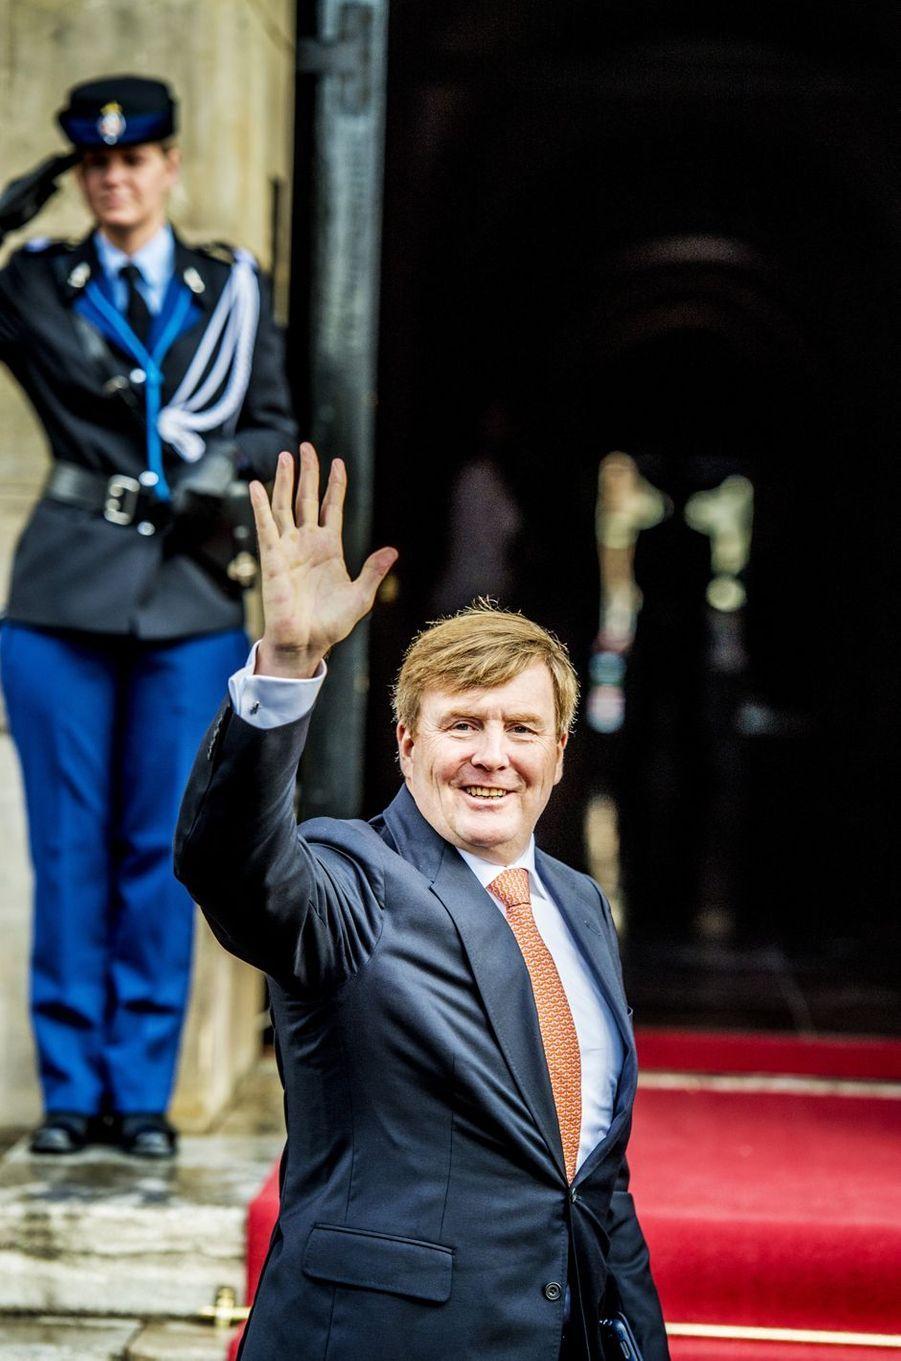 Le roi Willem-Alexander des Pays-Bas à Amsterdam, le 16 janvier 2018